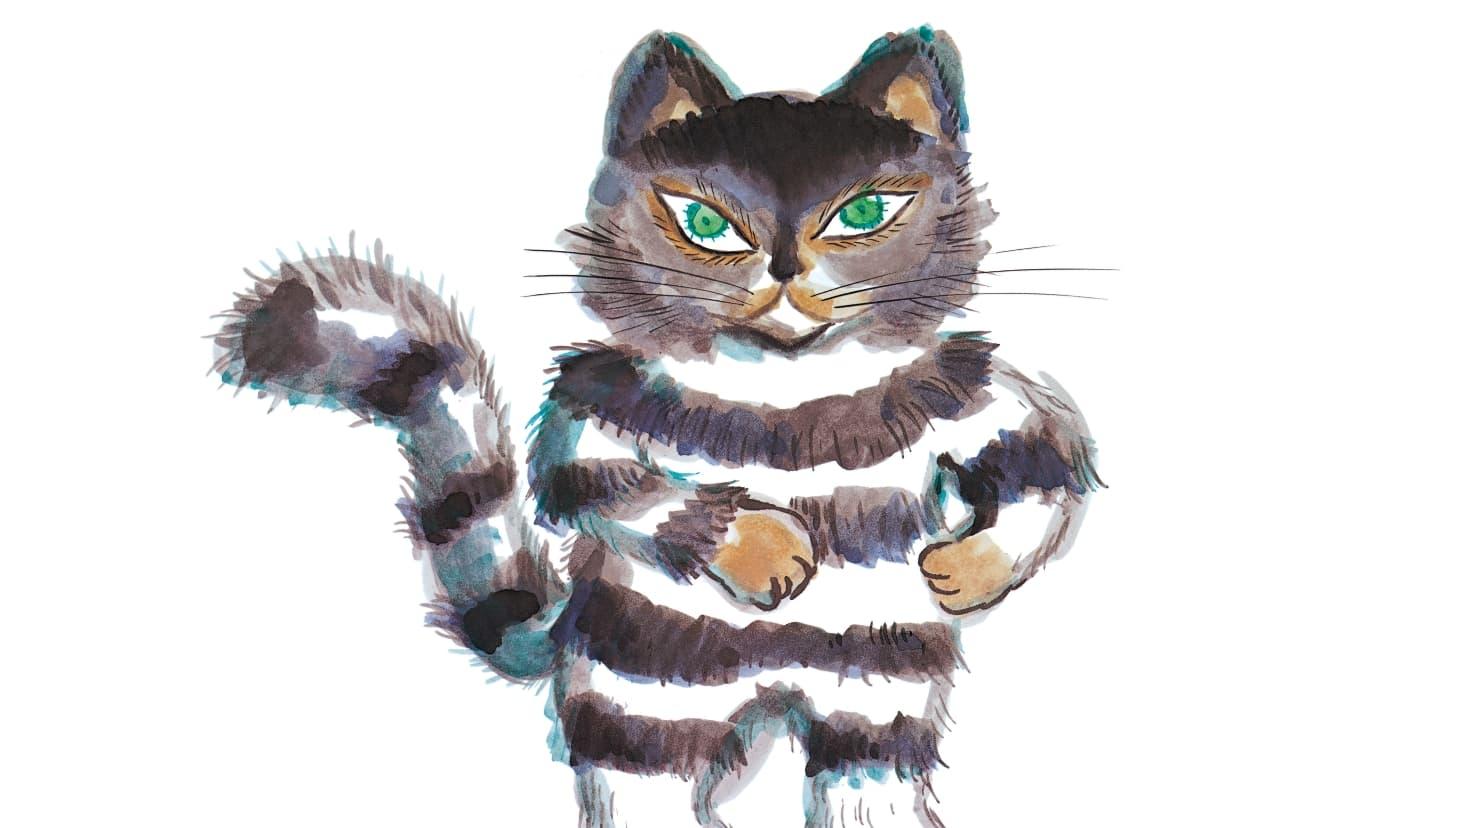 佐野洋子 繪本 童書 作品 推薦 活了100萬次的貓 散文 飛天獅子 熟齡 人生 智慧